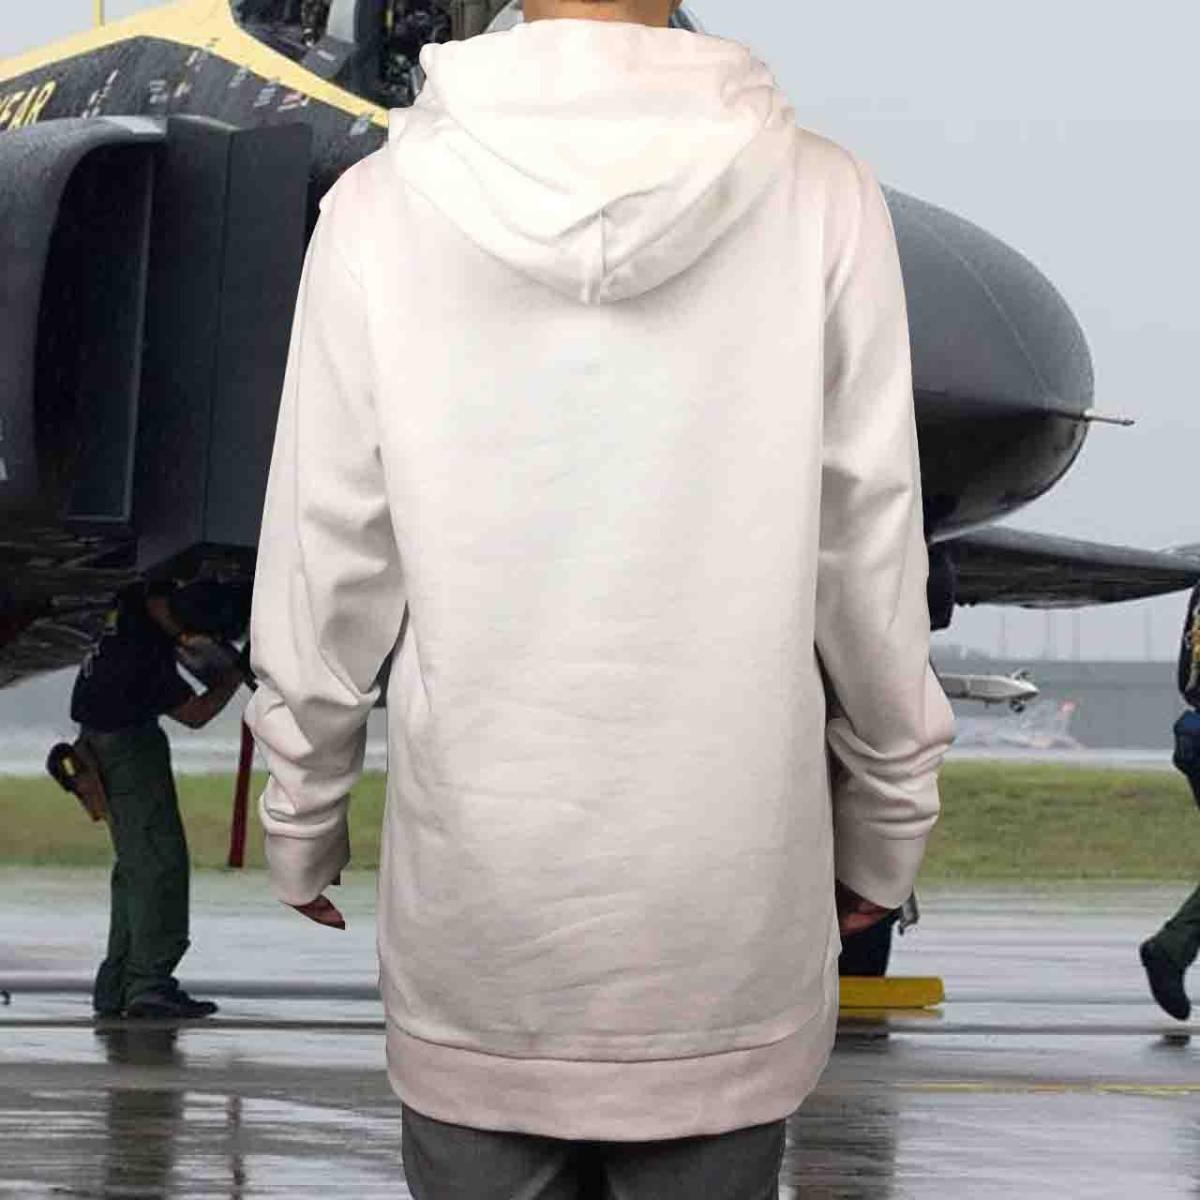 新品 トップガン マーヴェリック トムクルーズ US AIR FORCE 空軍 パーカー XS S M L XL ビッグ オーバーサイズ XXL 黒 Tシャツ ロンT 対応_画像2